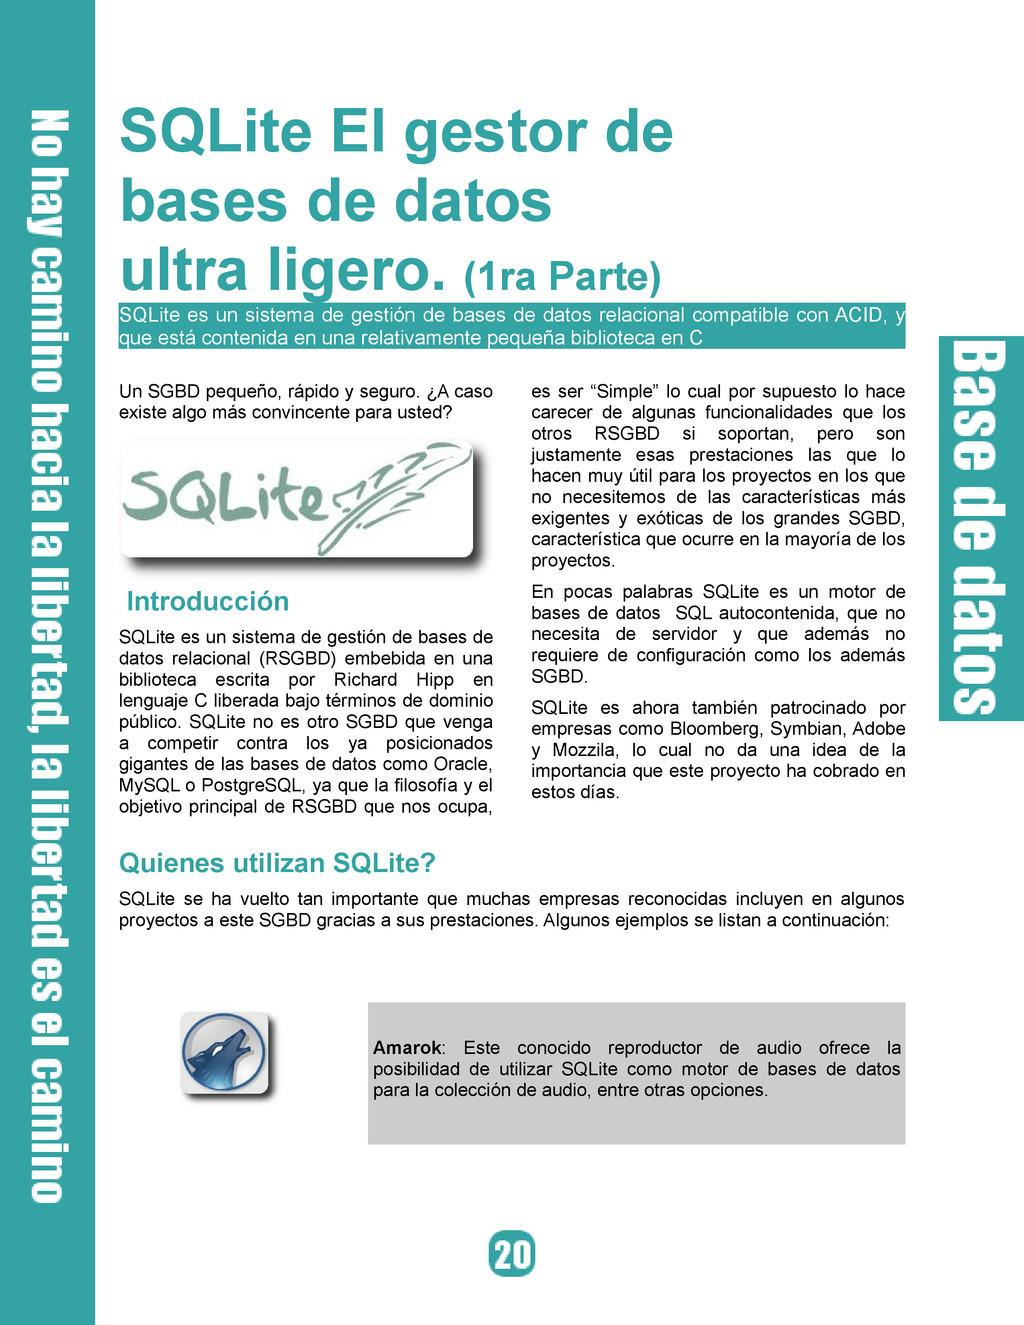 SQLite El gestor de bases de datos ultra ligero...